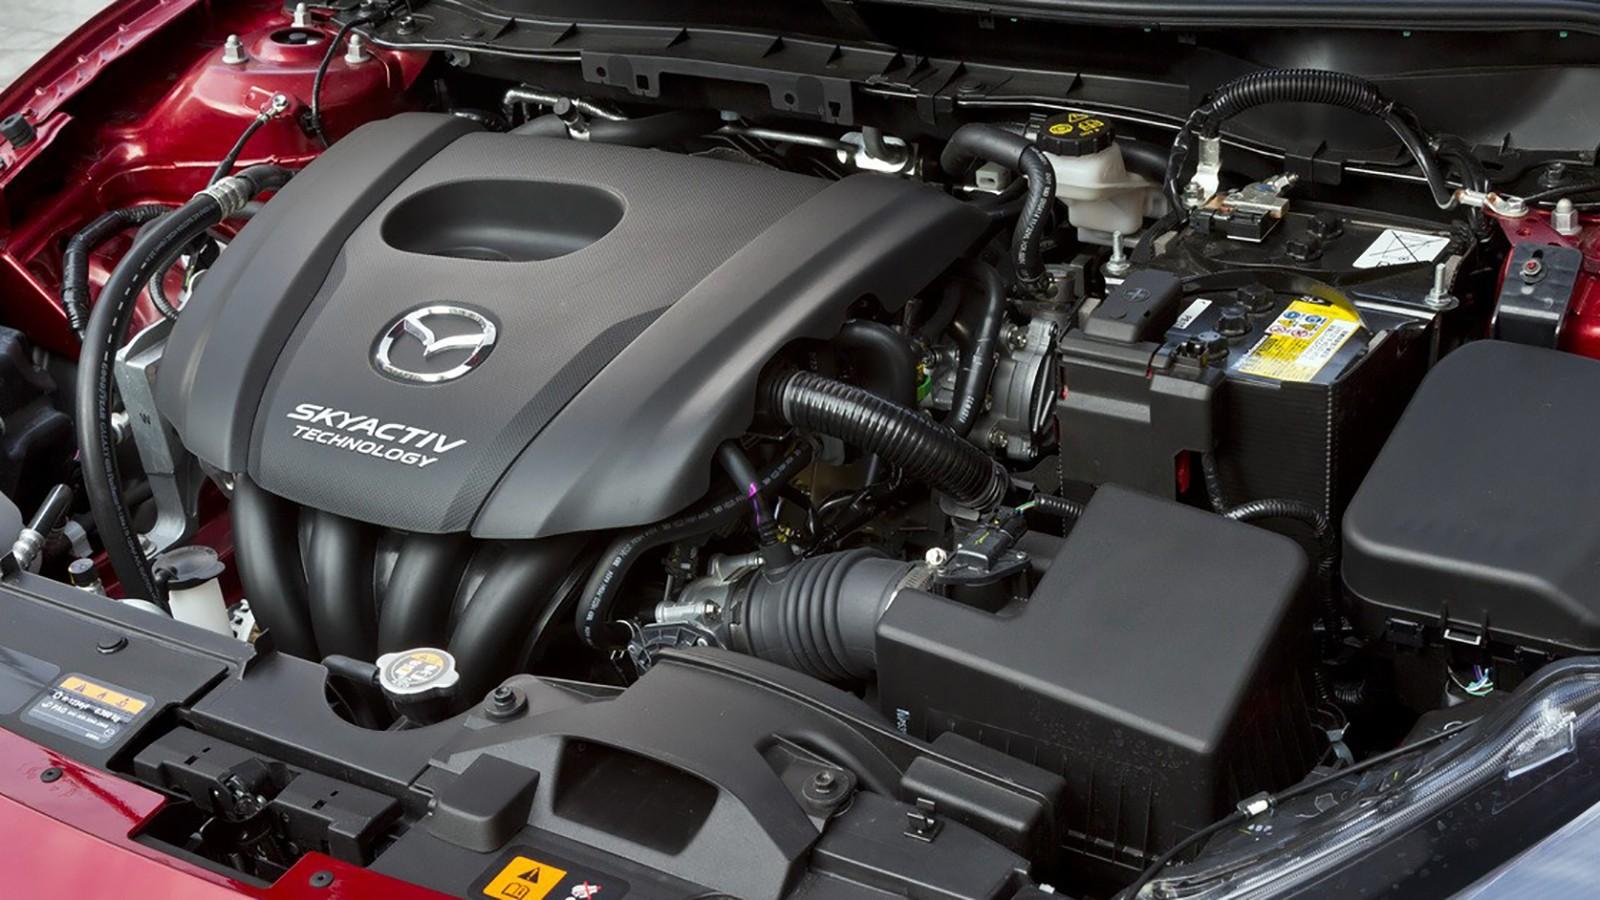 Mazda CX-3 được tranh bị động cơ mạnh mẽ, sử dụng công nghệ SKYACTIV mới